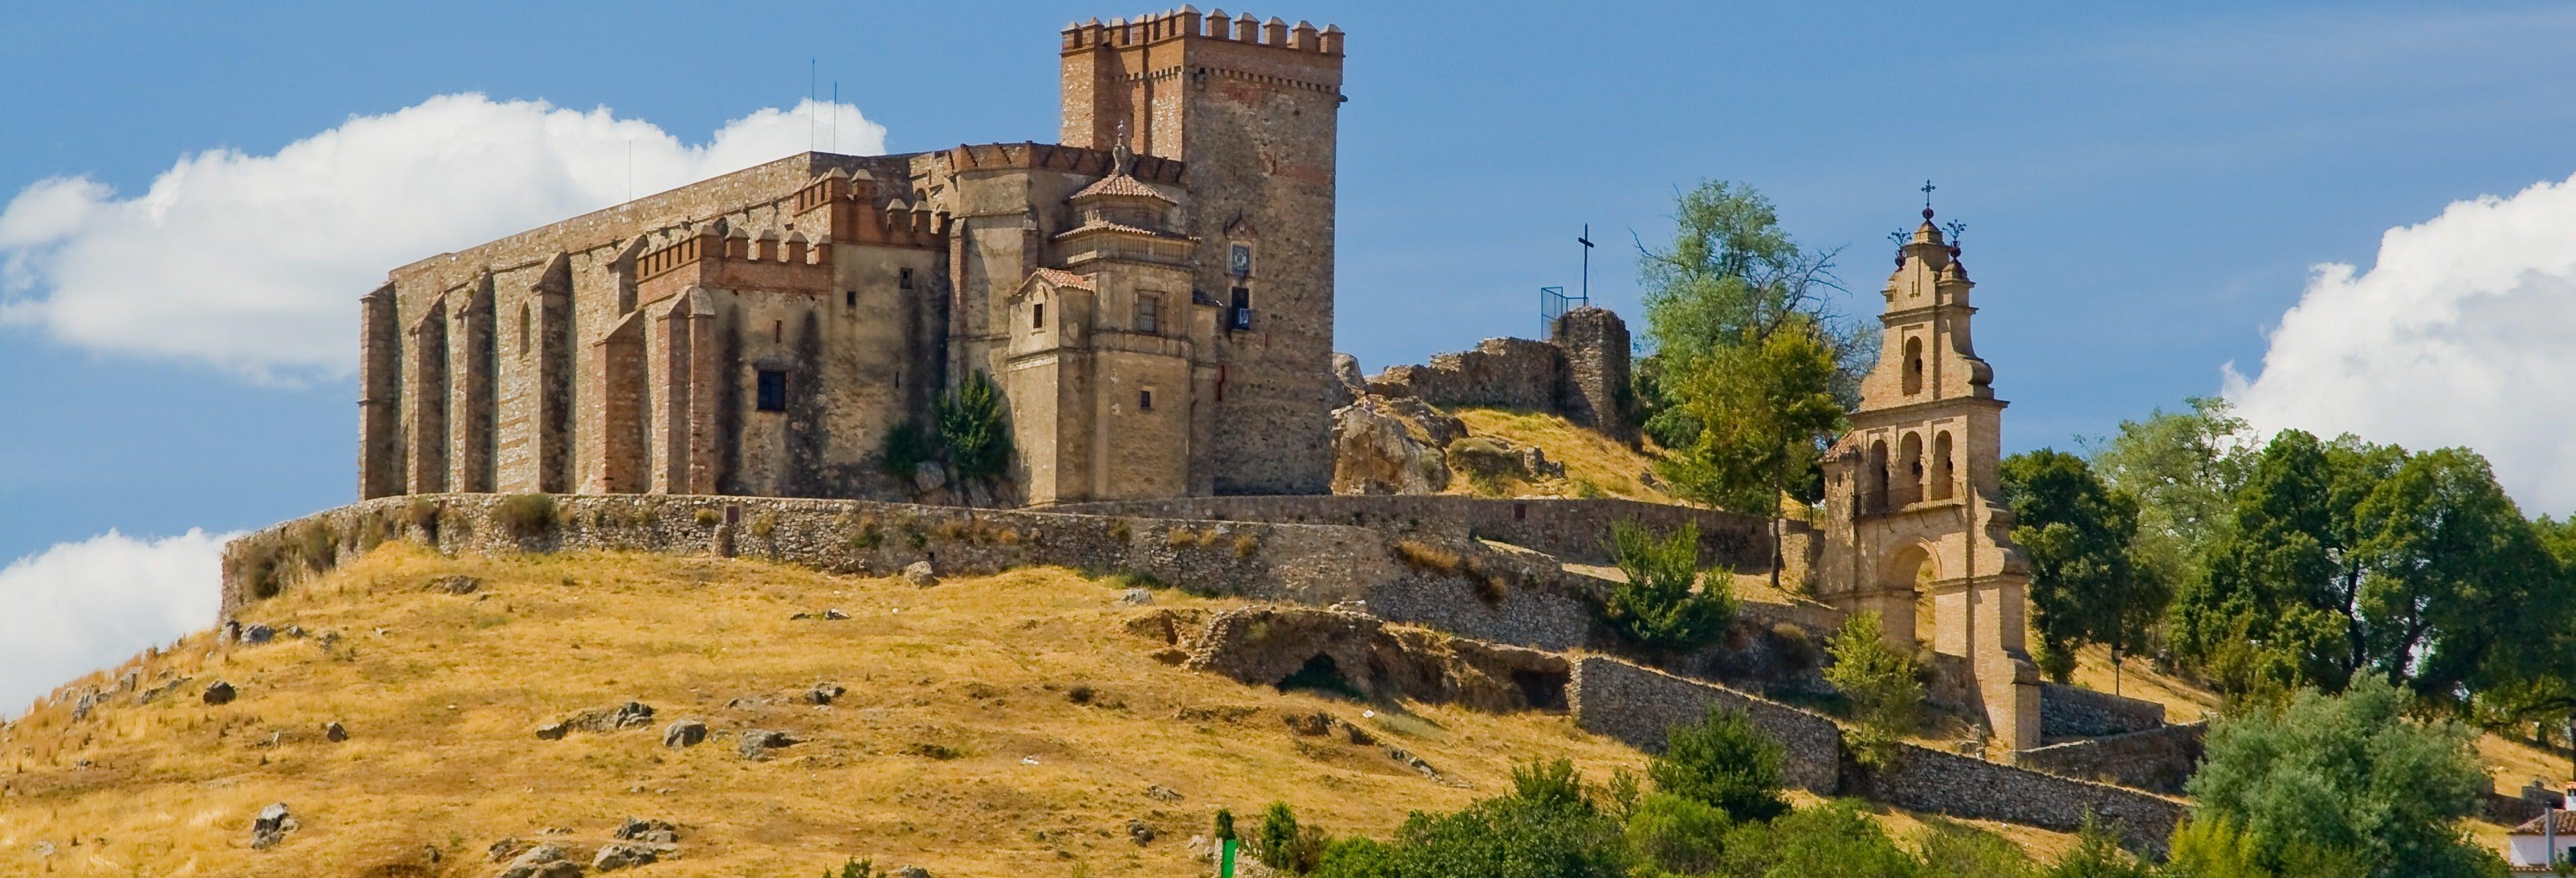 Visita guiada por Aracena y su castillo